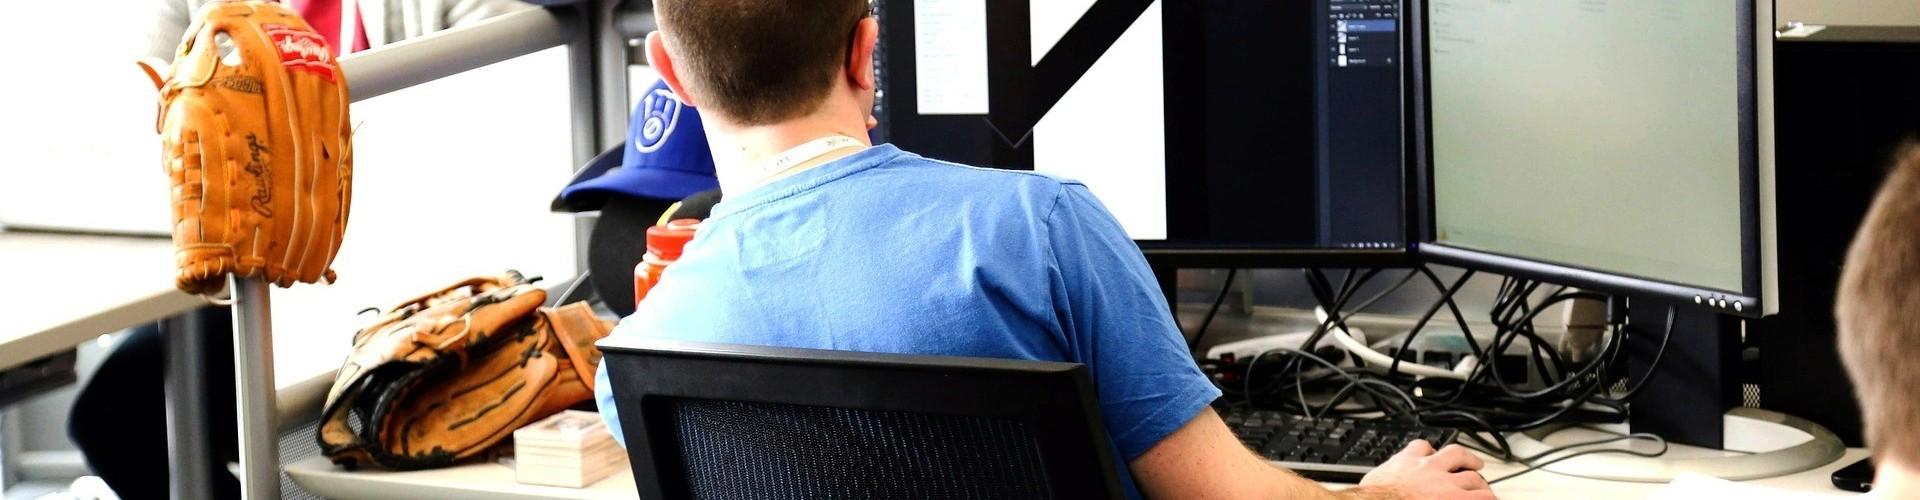 Helyszíni Számítógép szerviz, pc beállítás, bővítés cégeknek, vállalkozásoknak is